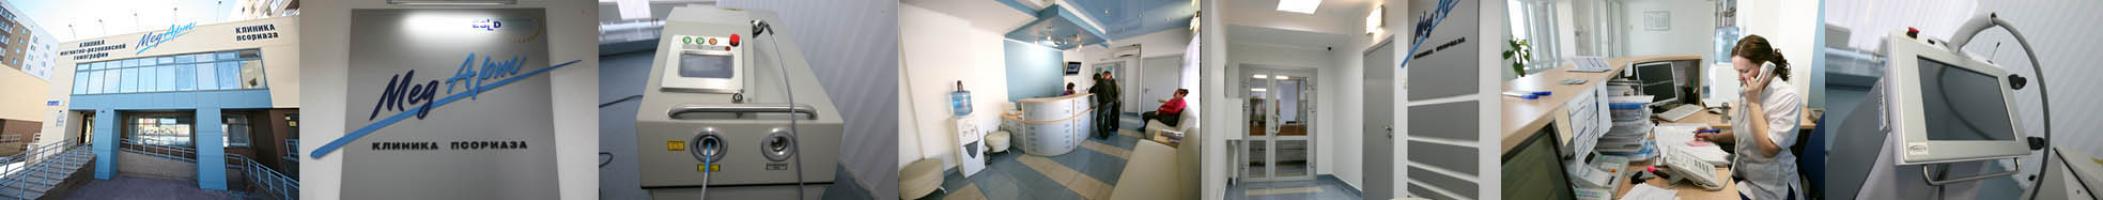 Лечение псориаза в Челябинске с адресами отзывами и фото